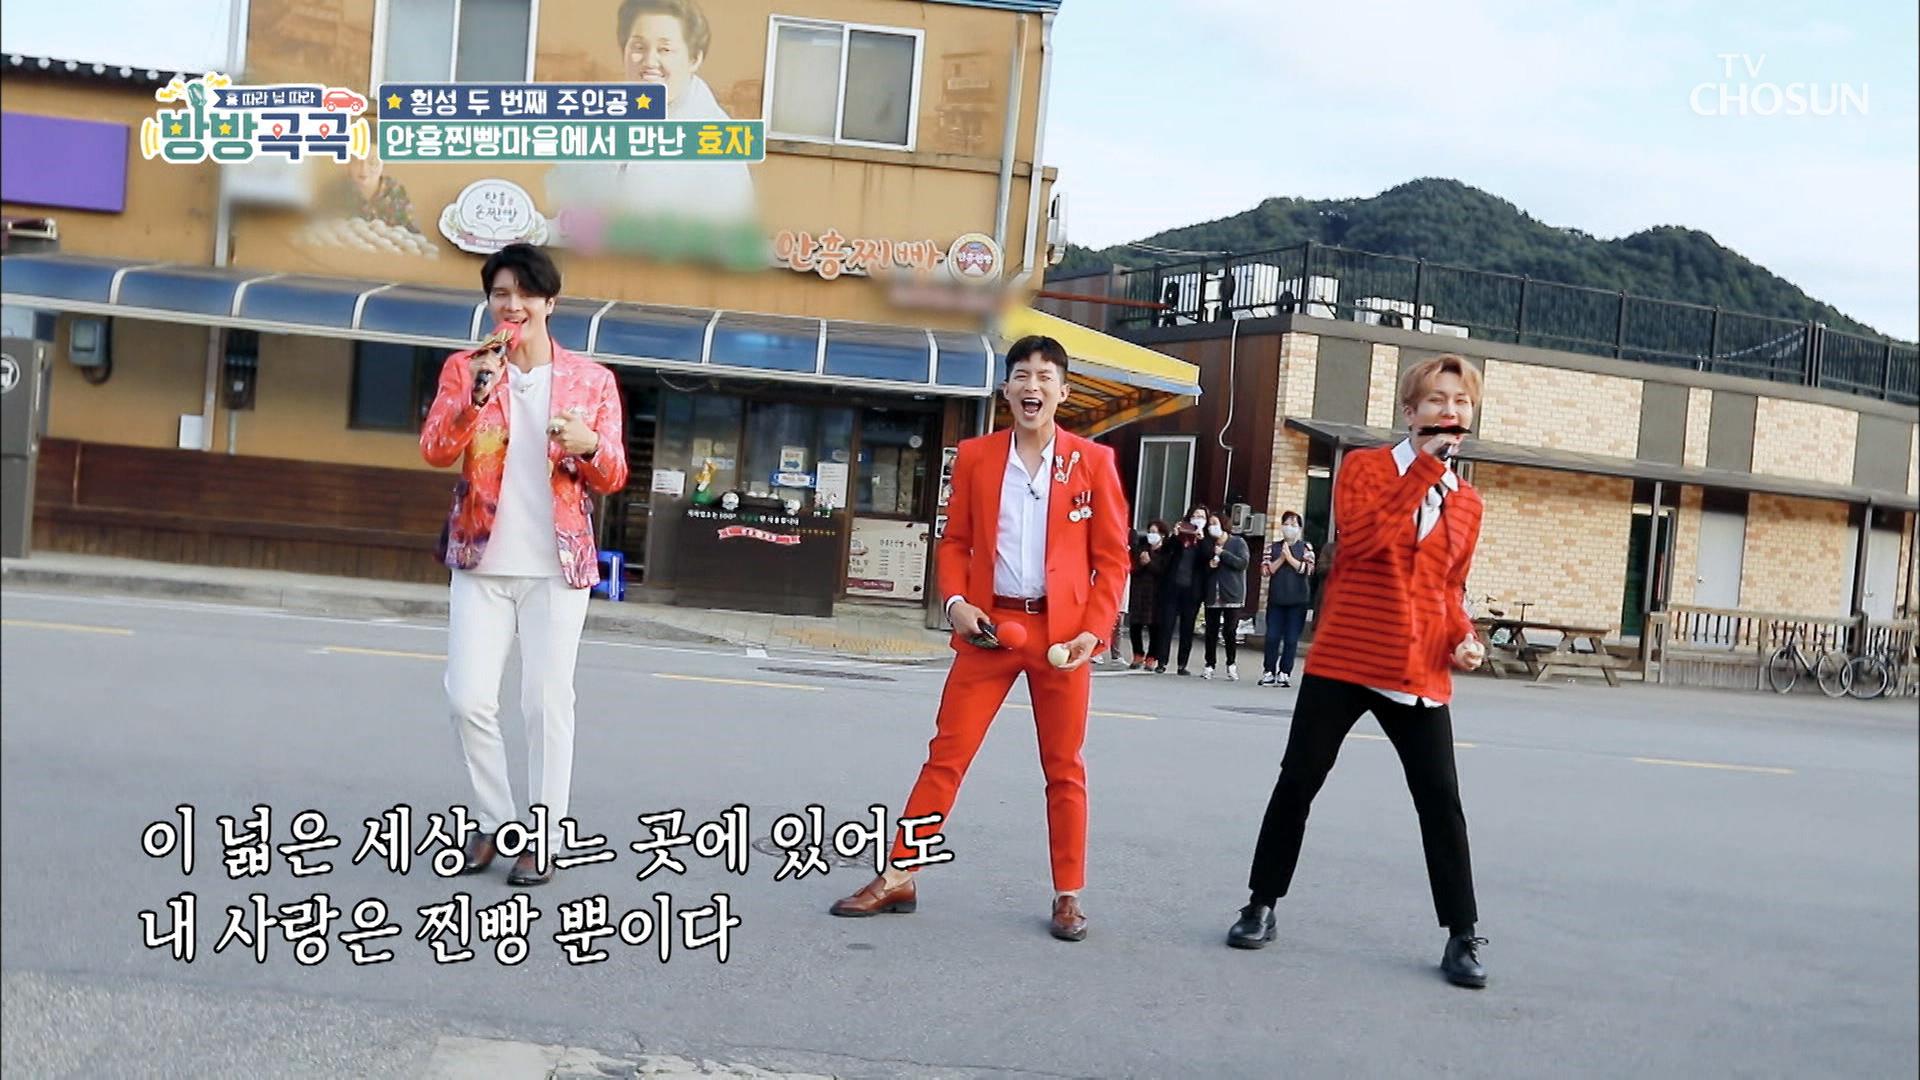 찐빵마을 효자 3인방 '뿐이고'♬ #광고포함